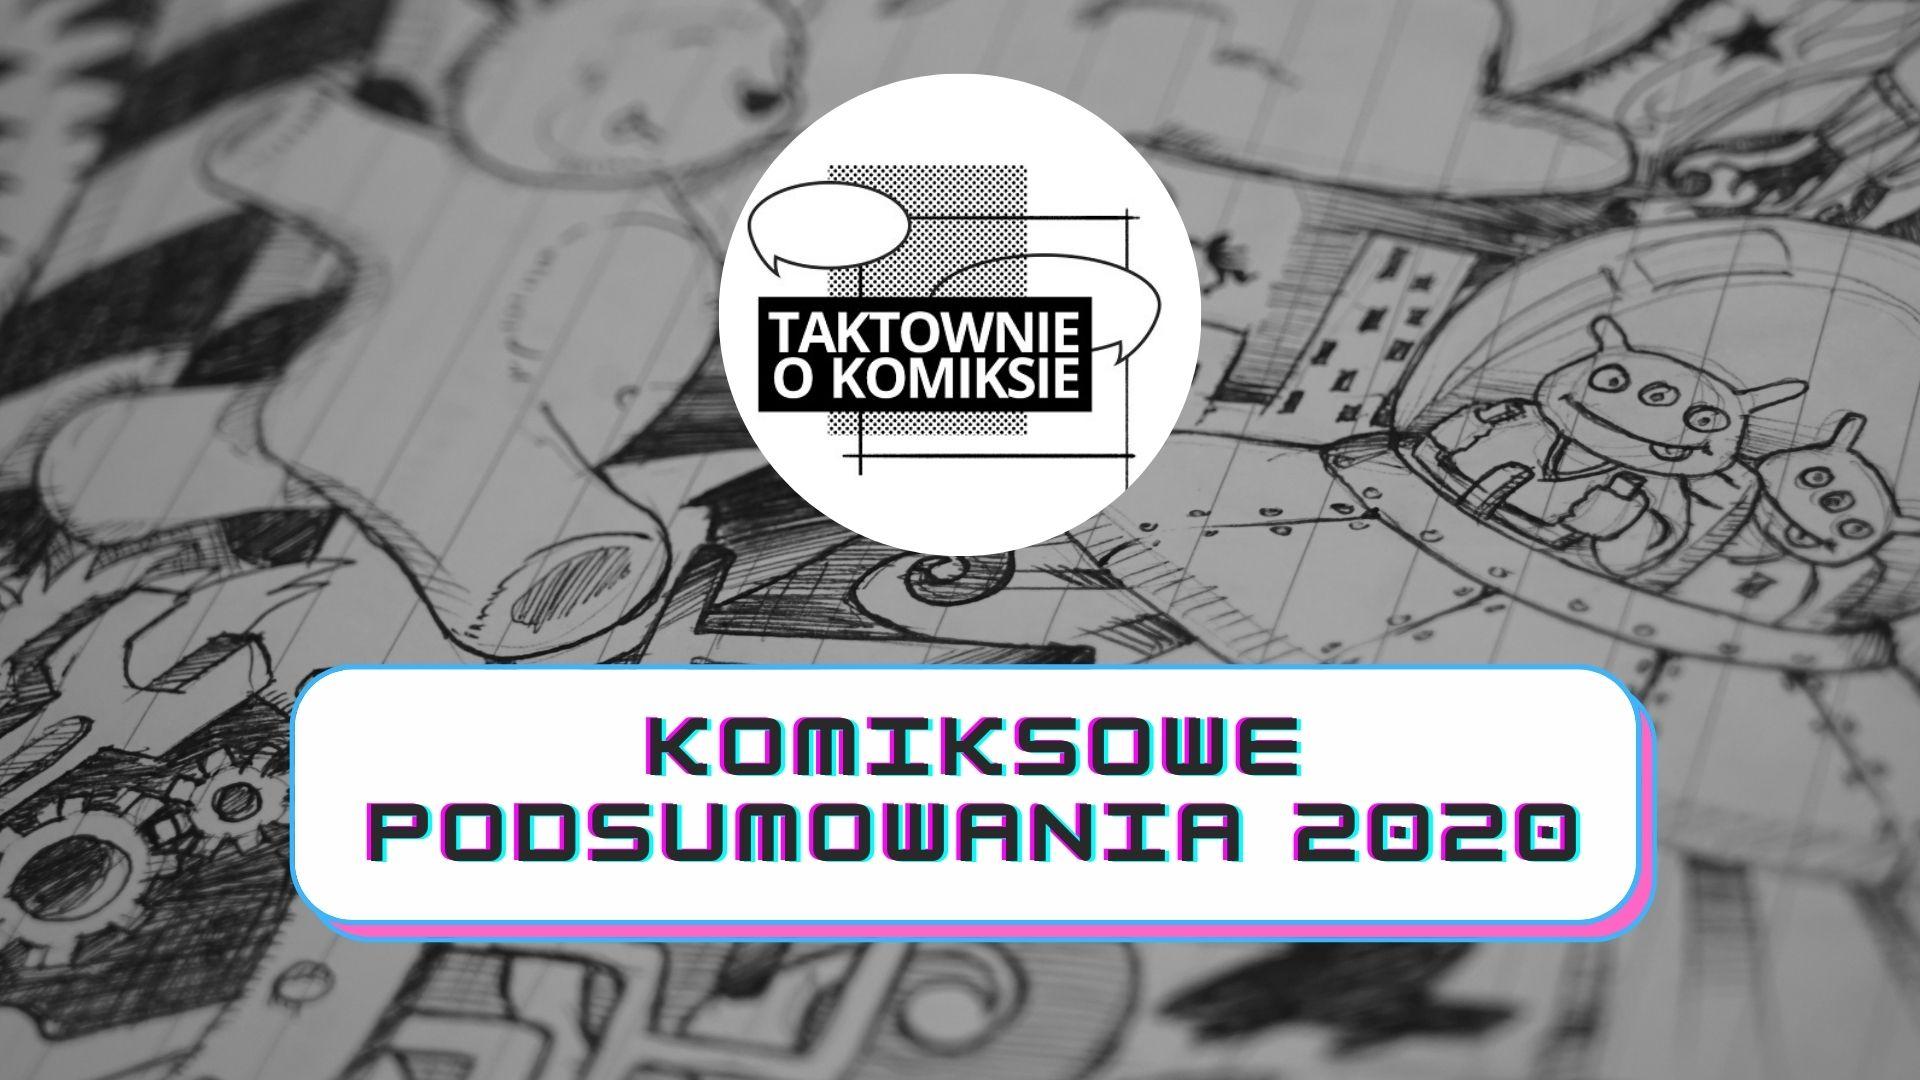 Komiksowe podsumowania 2020 [Taktownie O Komiksie – online]